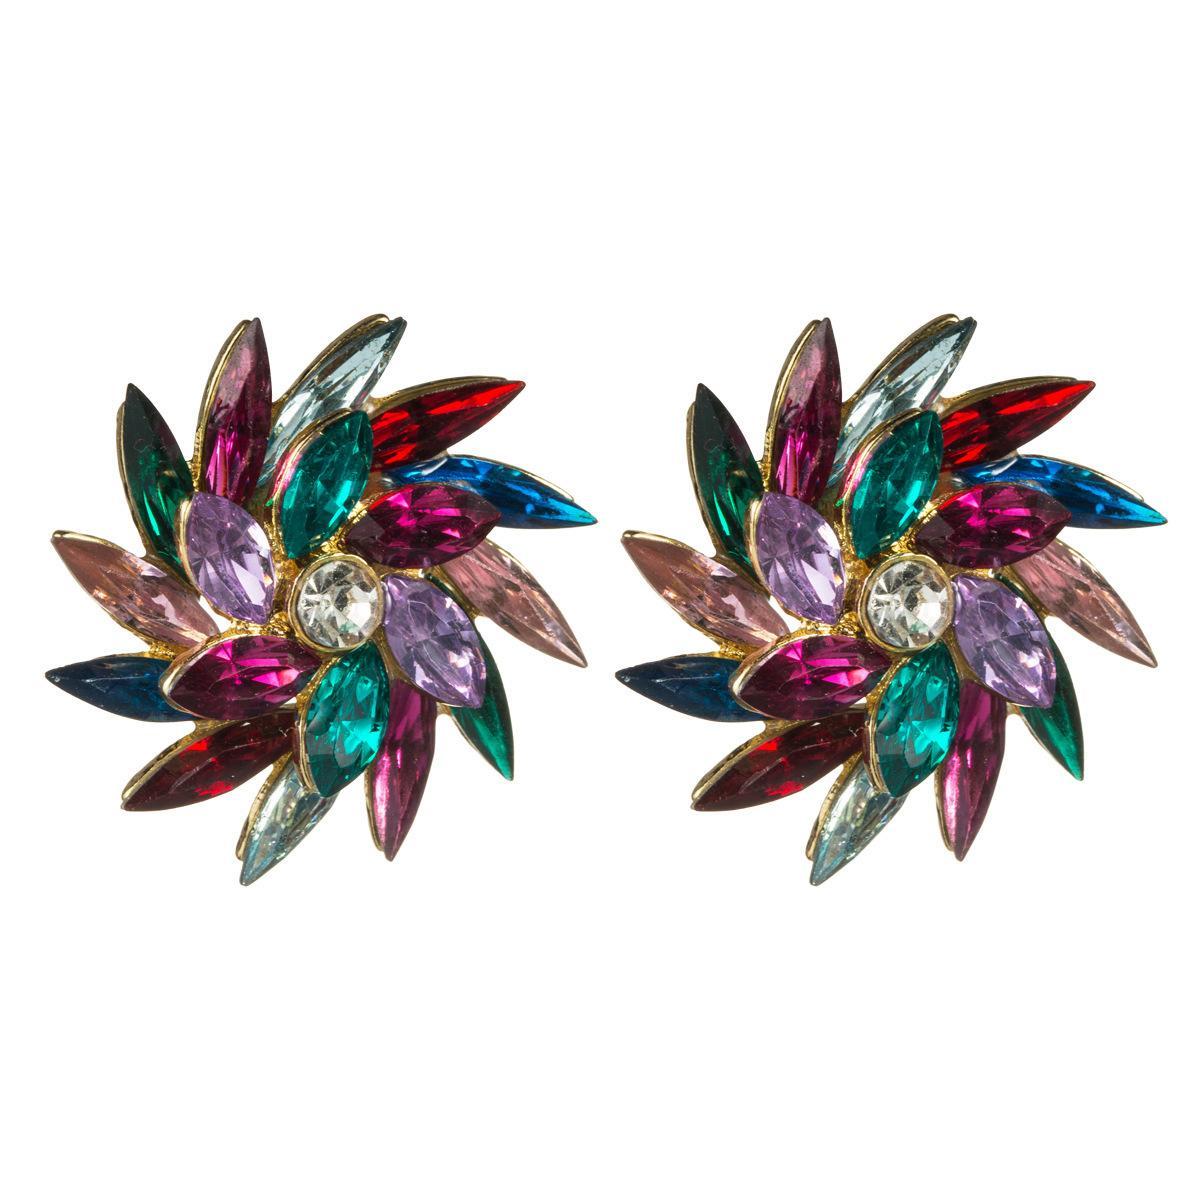 Stil Yaratıcı Tasarım Anlamı Saat Yönünün Rotasyon Rhinestone Çiçek Tam Elmas Küpe Kadın Moda Hassas Küpe